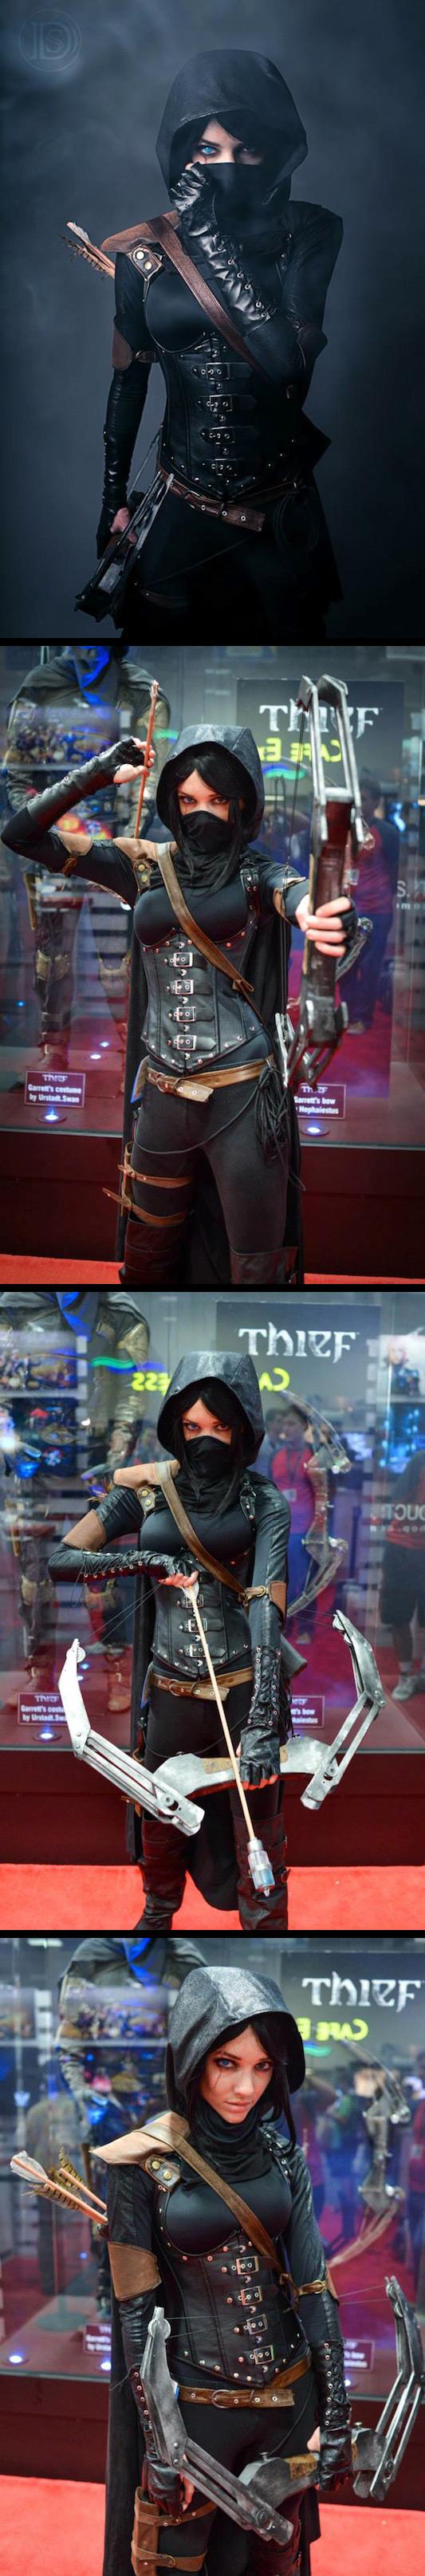 Fem Garrett - Thief 4 #cosplay by Lyz Brickley   Cosplay ...